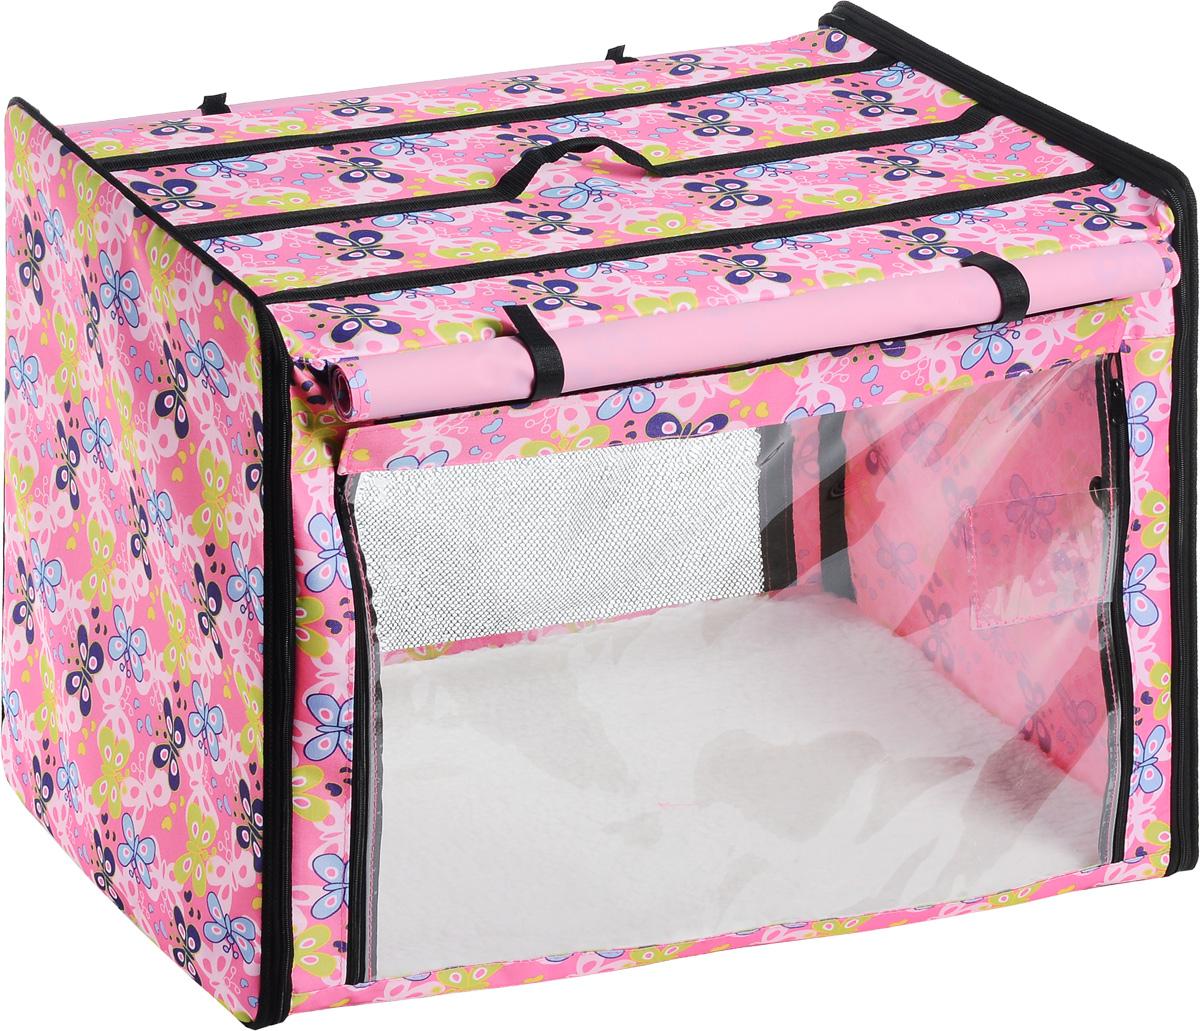 Клетка выставочная Elite Valley, цвет: розовый, голубой, зеленый, 75 х 52 х 62 смК-2_розовый;бабочкиКлетка Elite Valley предназначена для показа кошек и собак на выставках. Она выполнена из плотного текстиля, каркас - металлический. Клетка оснащена съемными пленкой и сеткой. Внутри имеется мягкая подстилка, выполненная из искусственного меха. Прозрачную пленку можно прикрыть шторкой. Сверху расположена ручка для переноски. В комплекте сумка-чехол для удобной транспортировки.